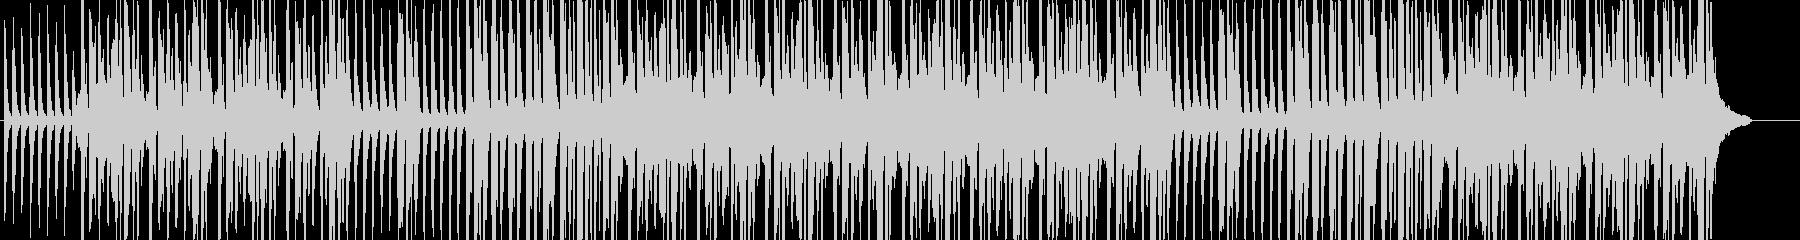 ほのぼの雰囲気のリコーダー三重奏の未再生の波形